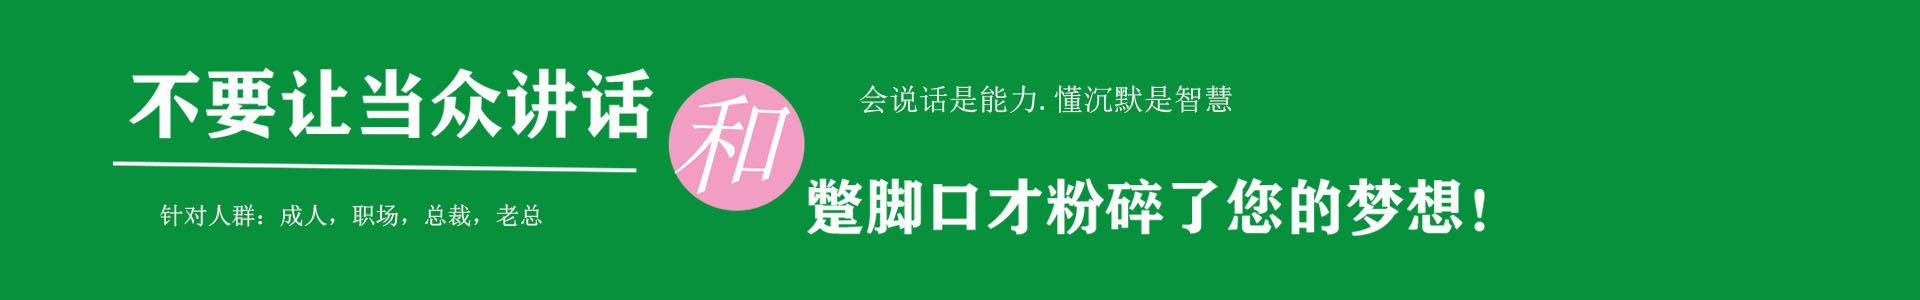 天津南開語蘇口才培訓學校